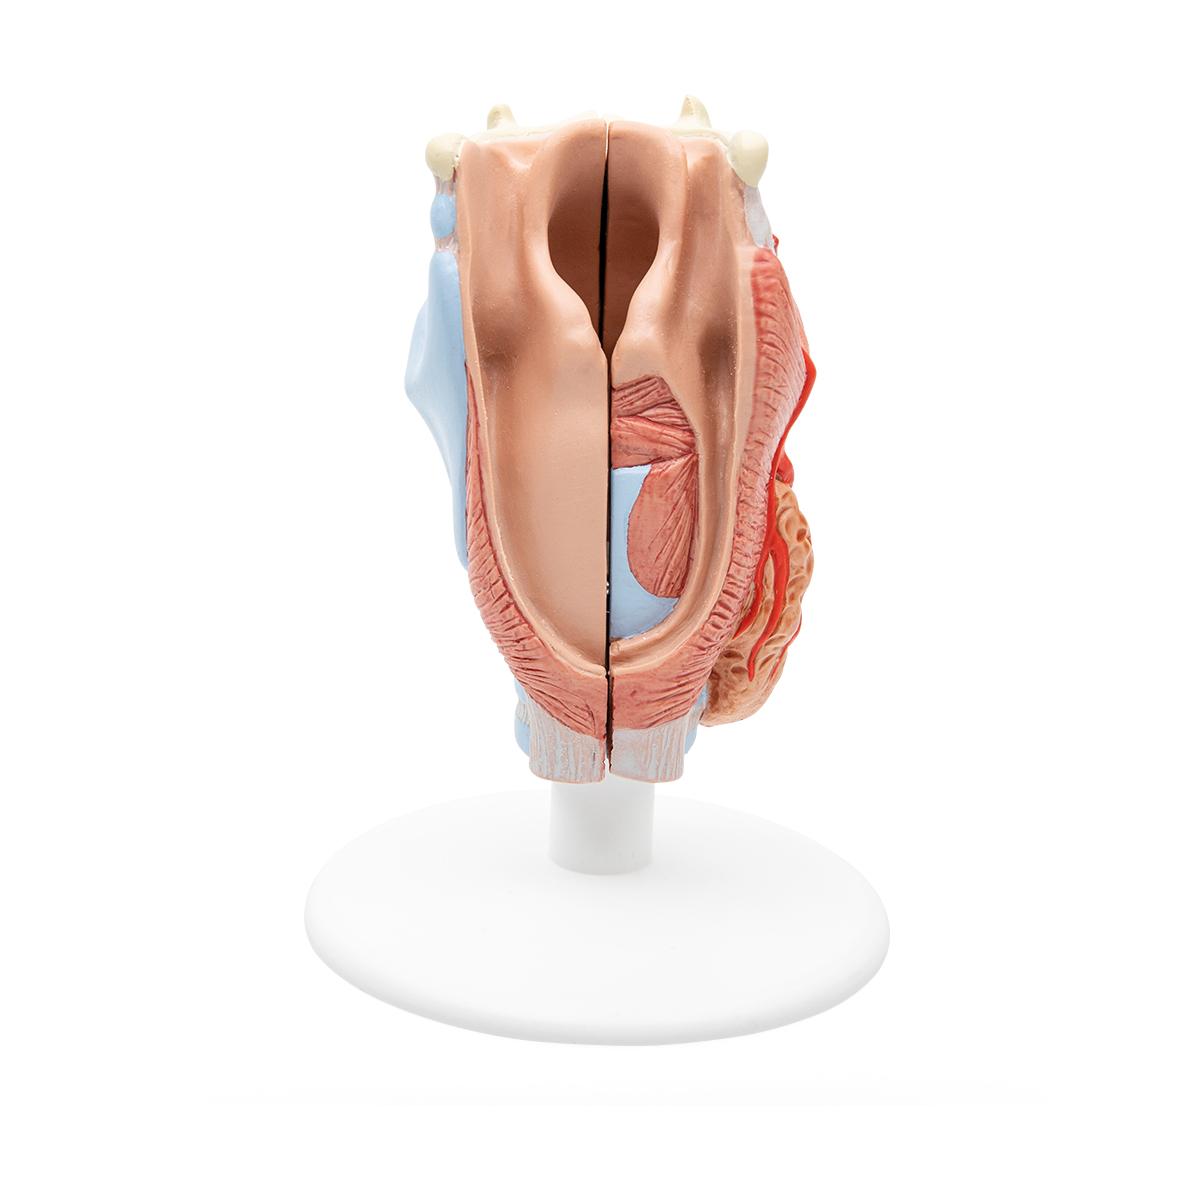 Wunderbar Veterinär Vergleichende Anatomie Bilder - Physiologie Von ...